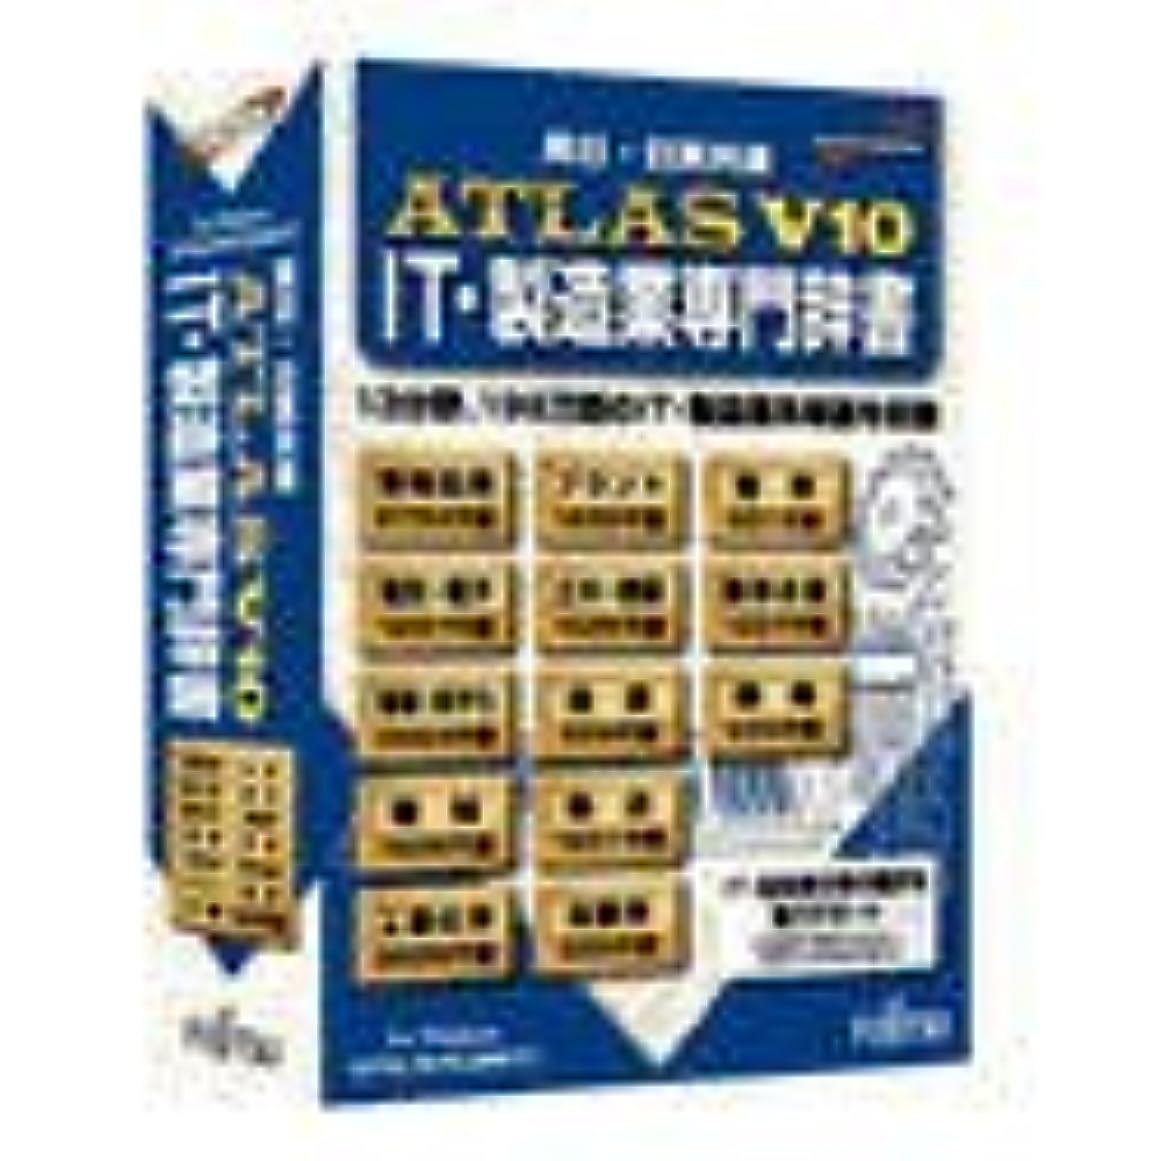 タイトル大気形成Atlas IT?製造業専門辞書 V10